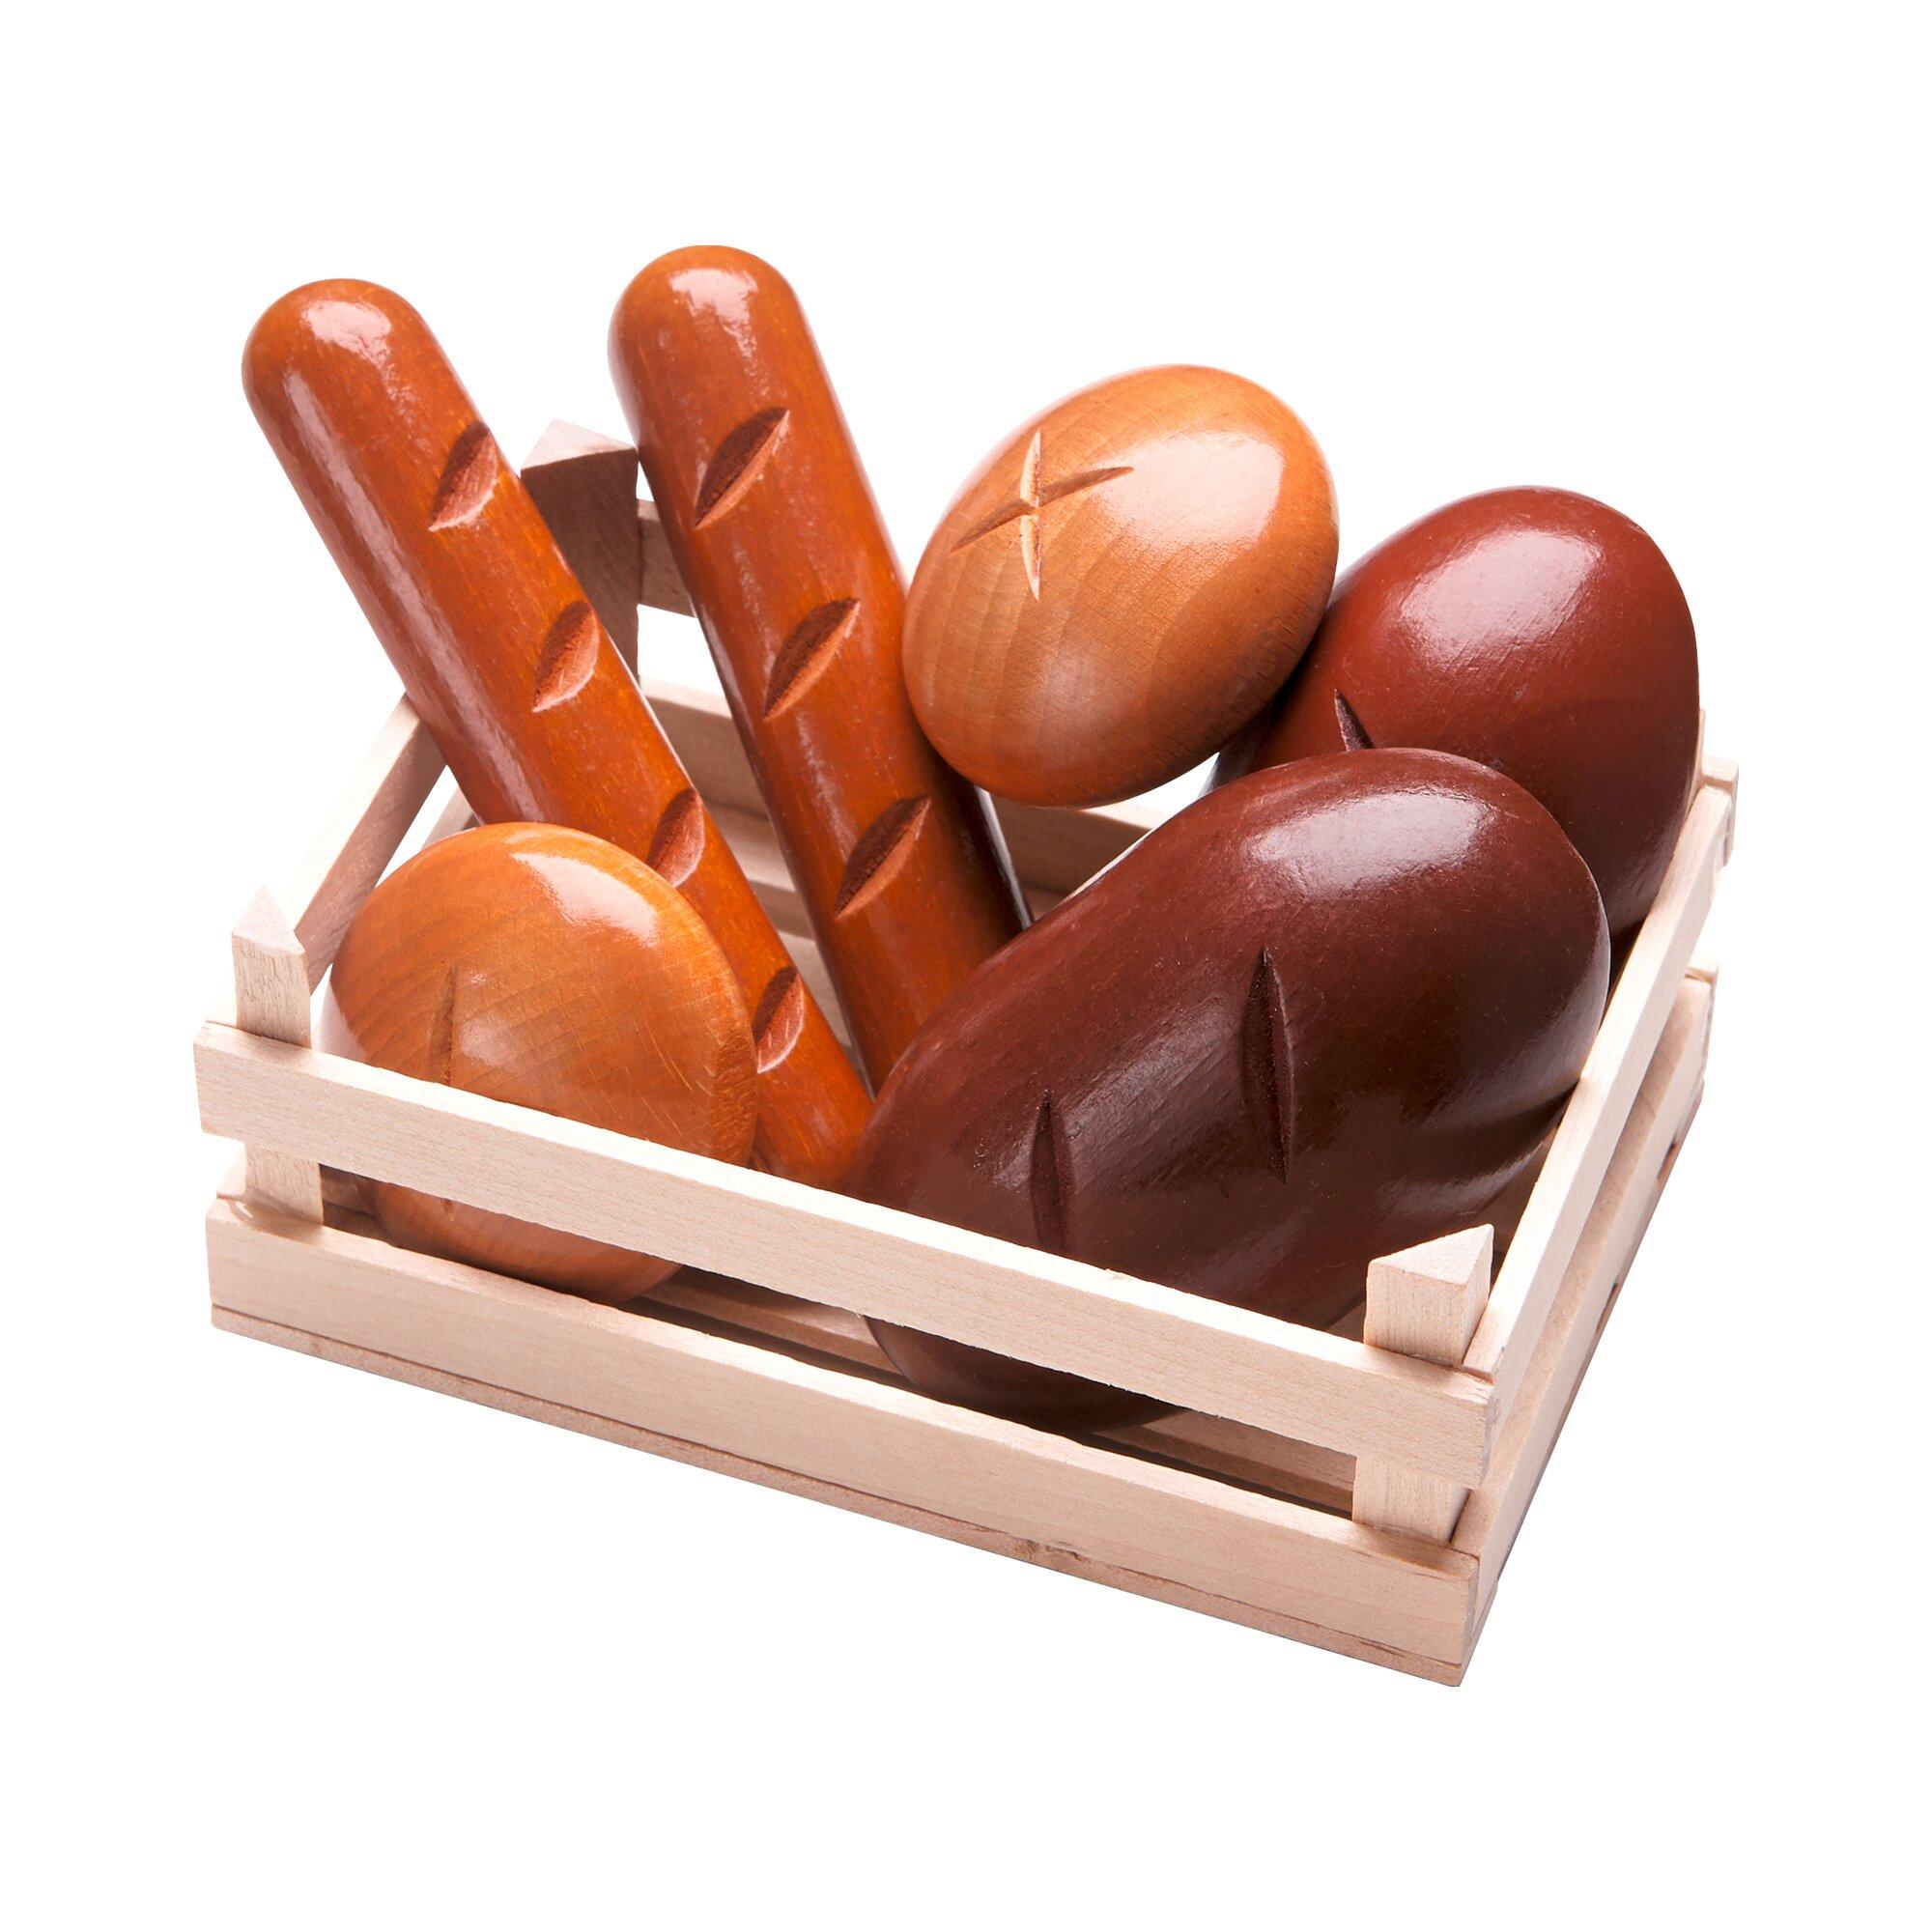 Haba Kaufladen-Set Brot und Brötchen aus Holz